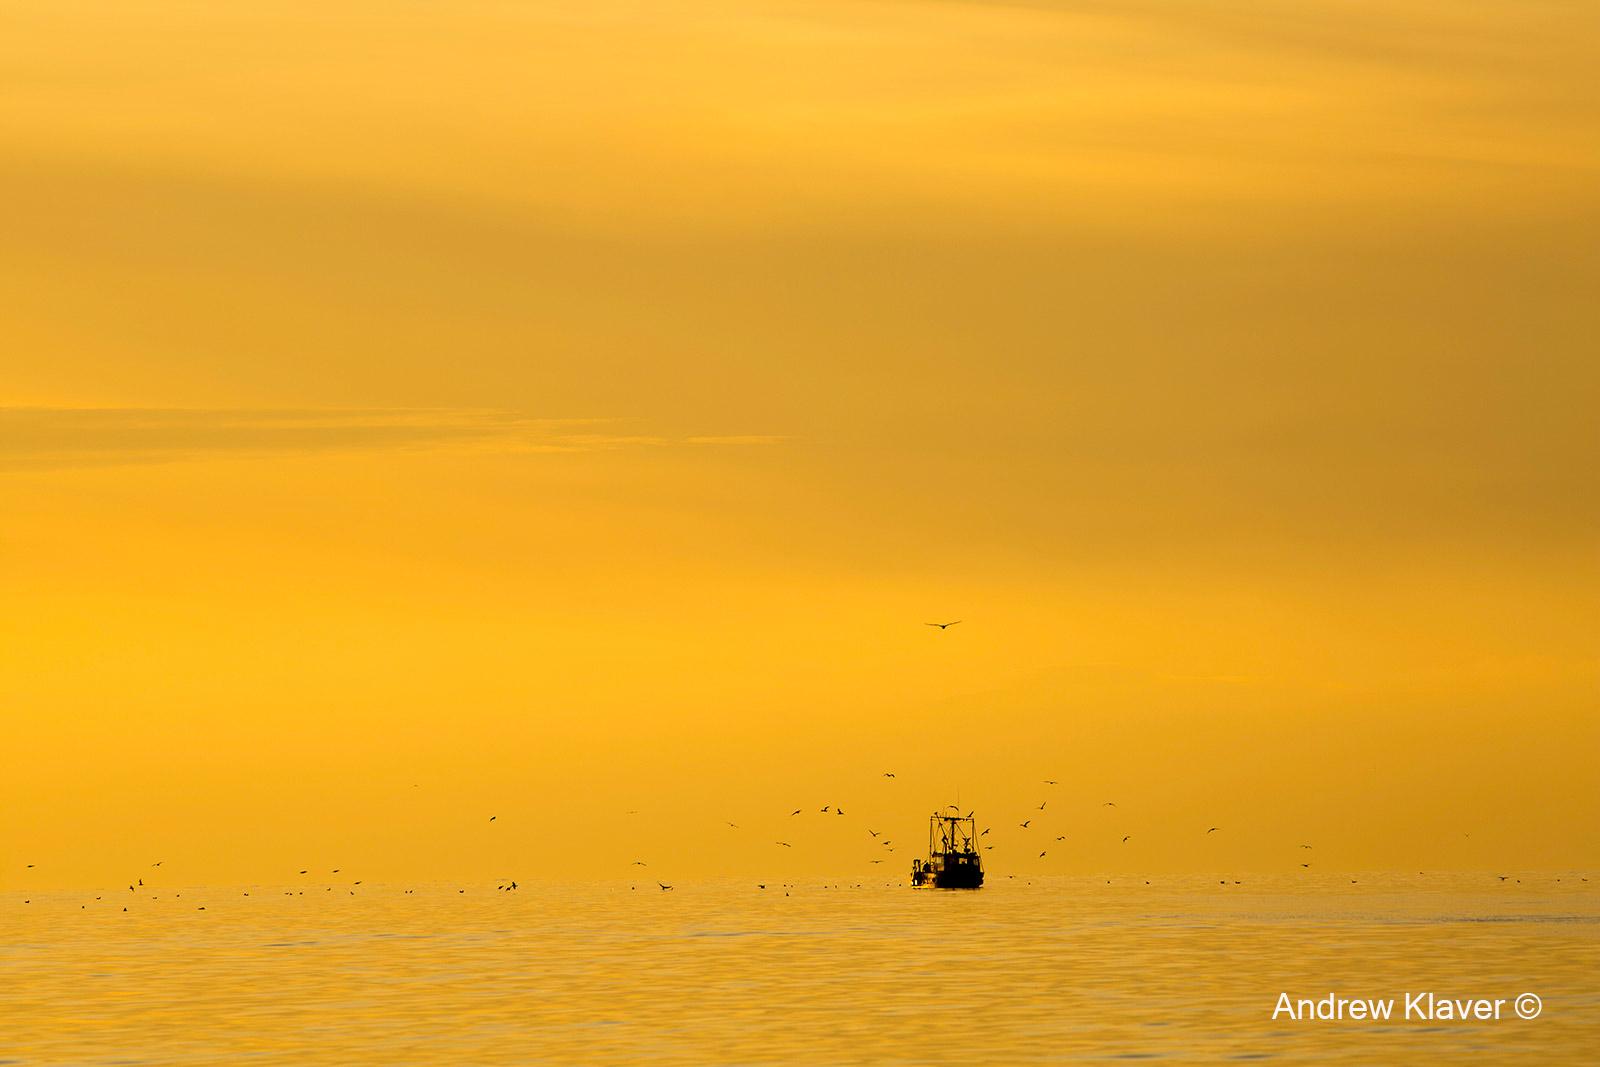 Fishing boat, winter fog